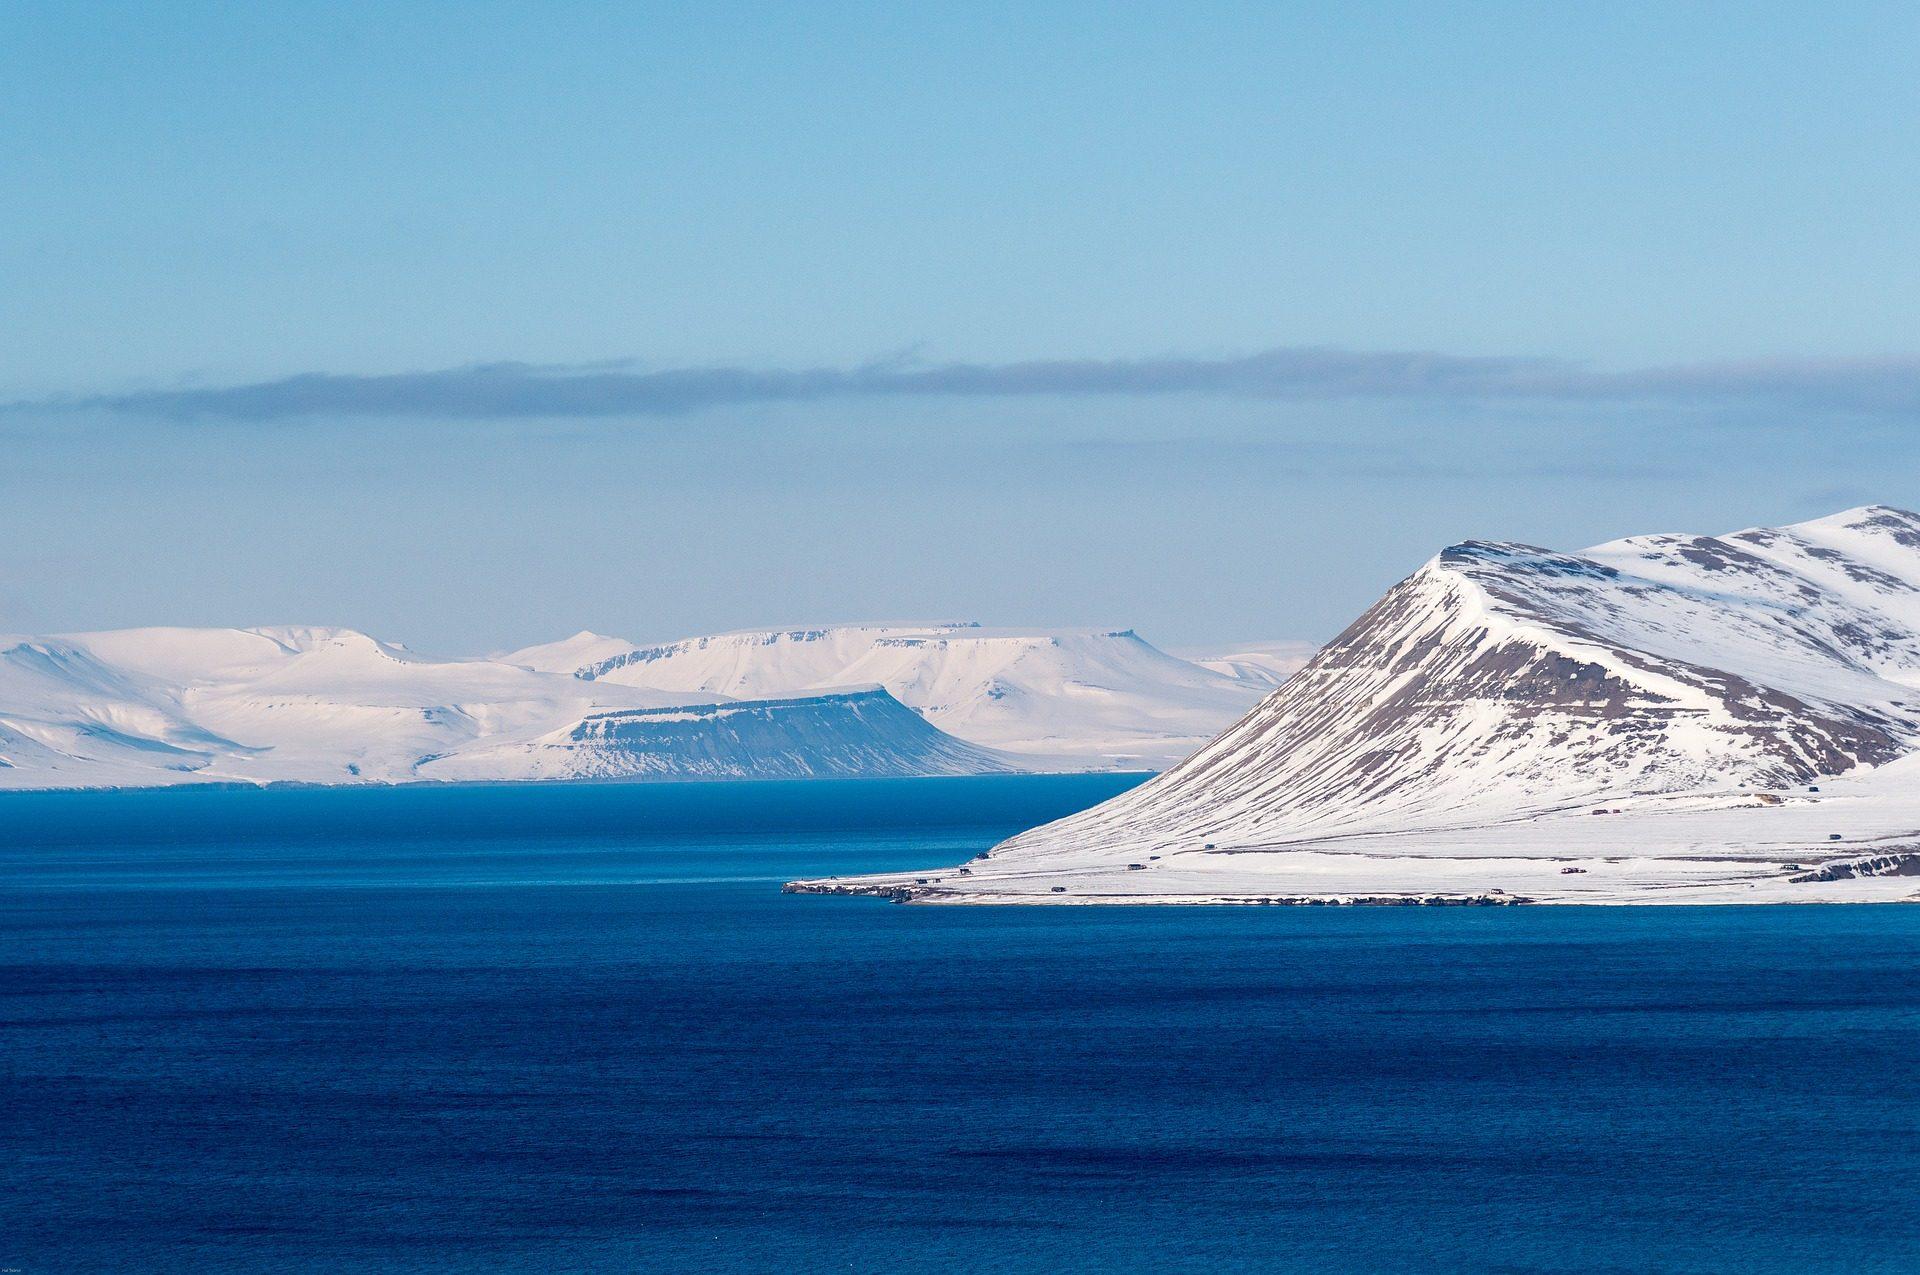 الجبال, الثلج, الأفق, المسافة, سفالبارد, النرويج - خلفيات عالية الدقة - أستاذ falken.com